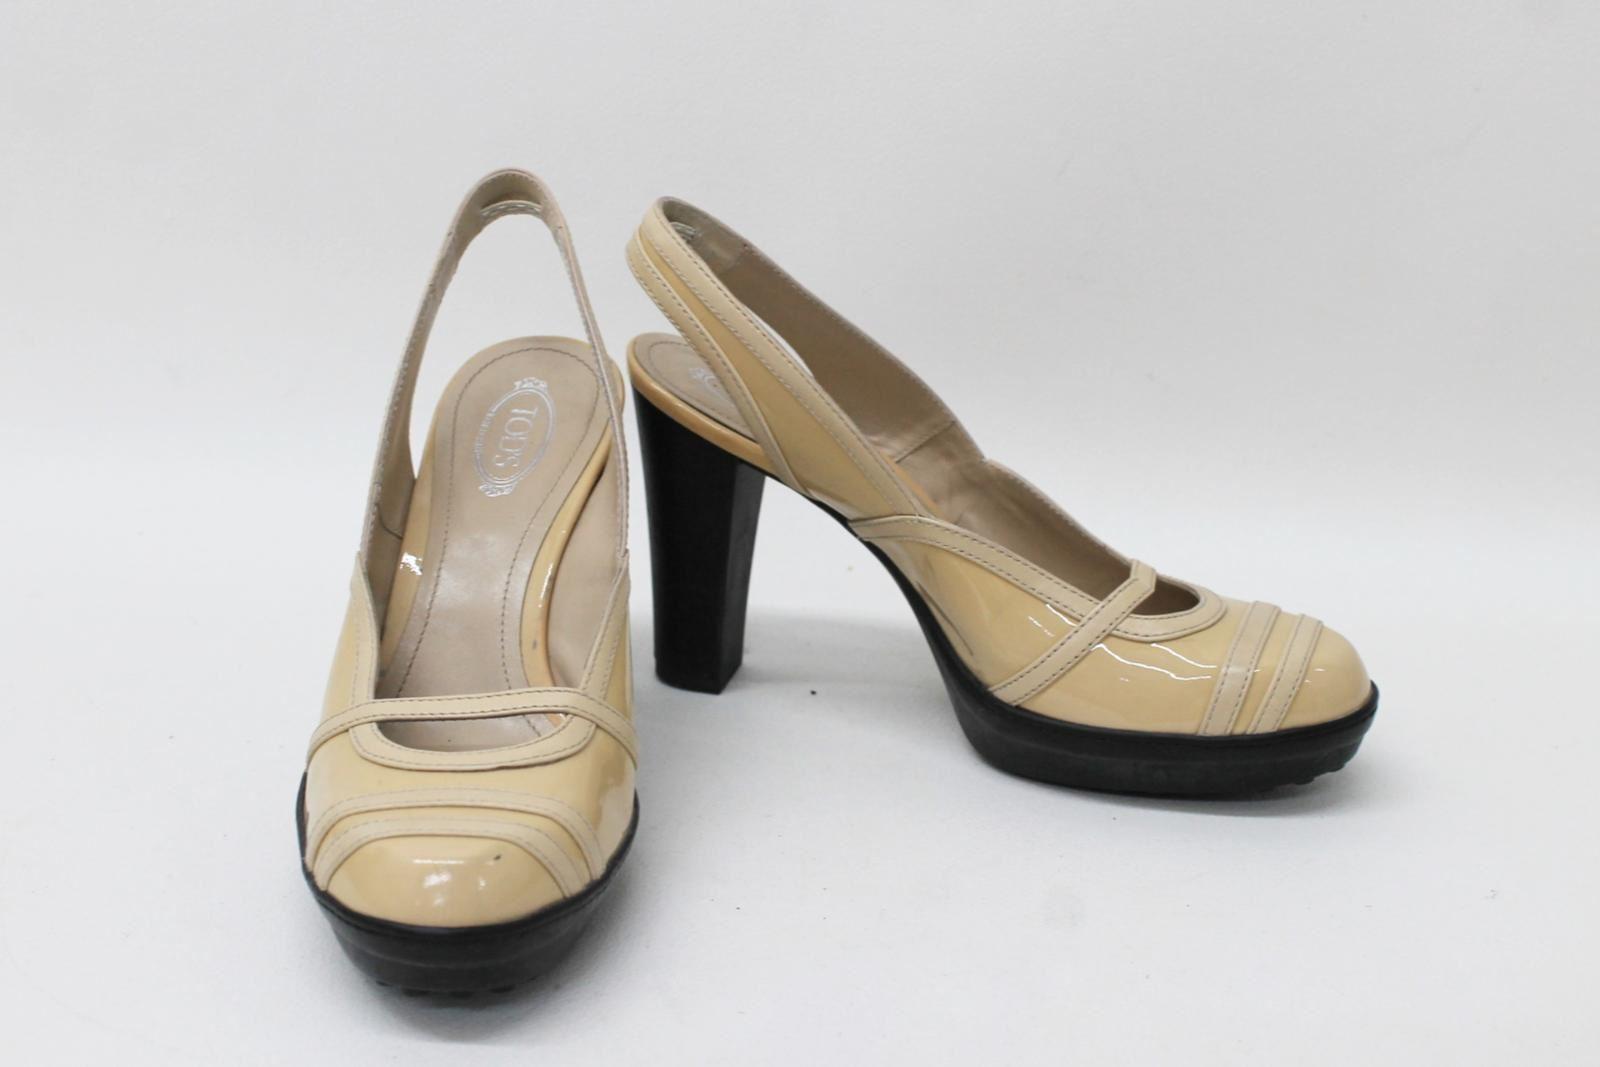 Tod'S Damas Beige Patent Tacón Zapatos Talla EU36.5 UK3.5 UK3.5 UK3.5 ESLINGA vuelta  connotación de lujo discreta